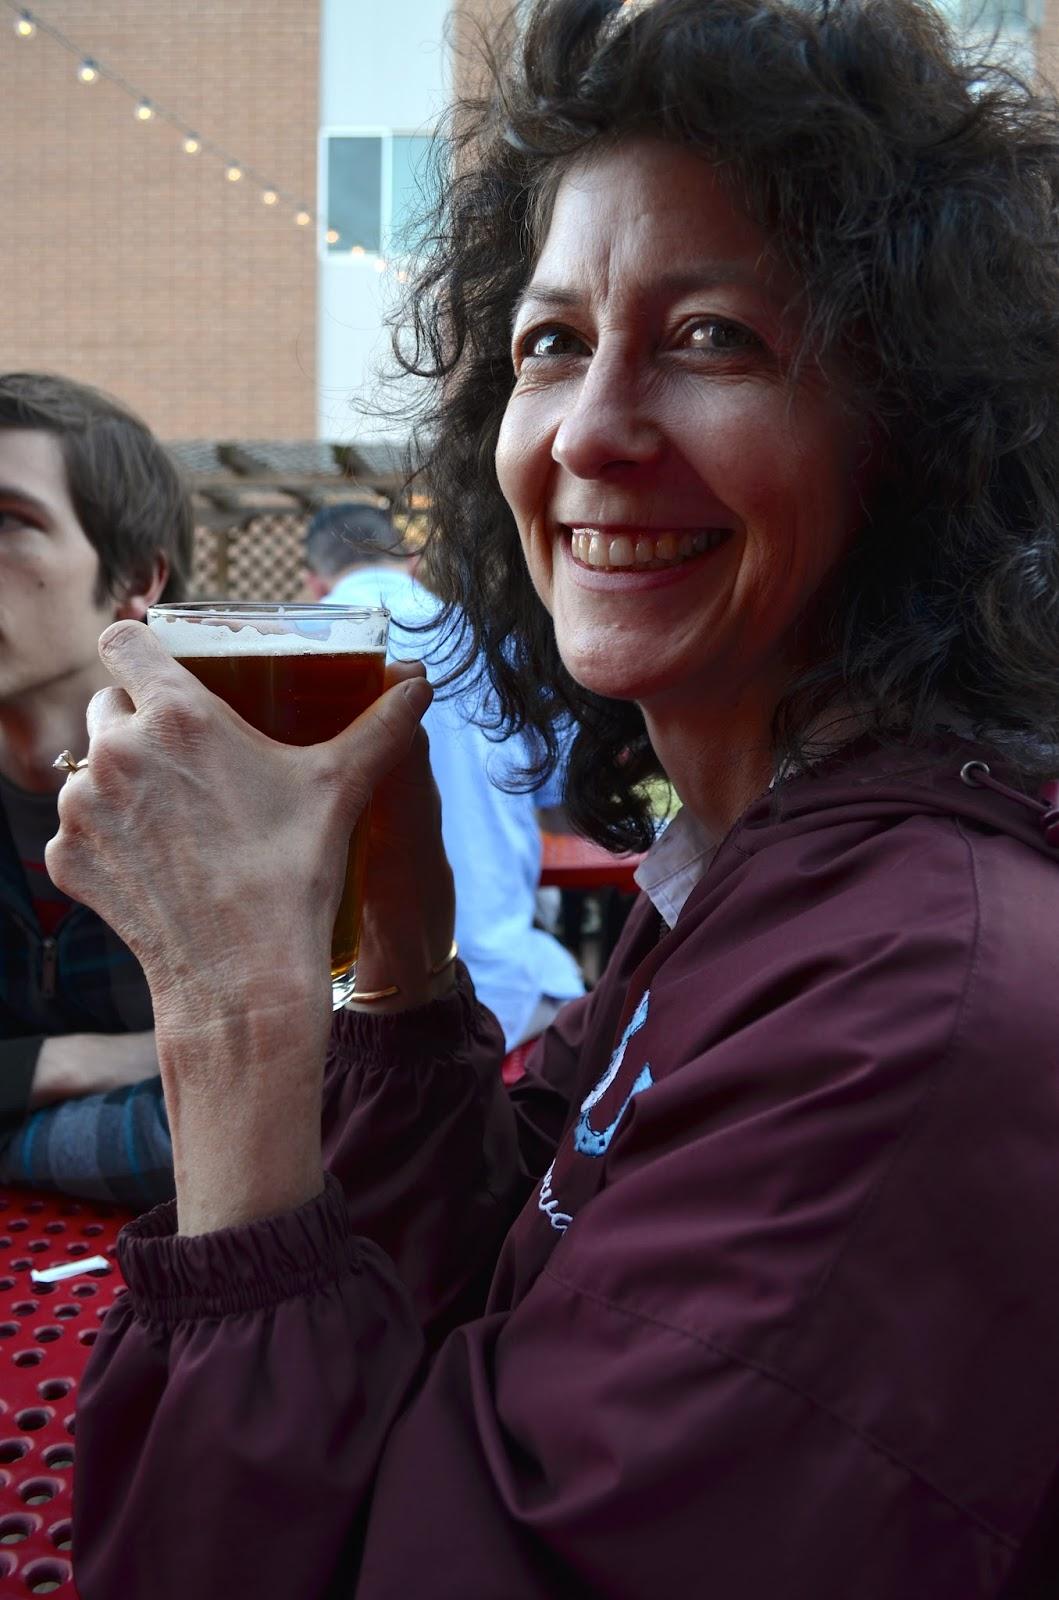 Mom+Beer